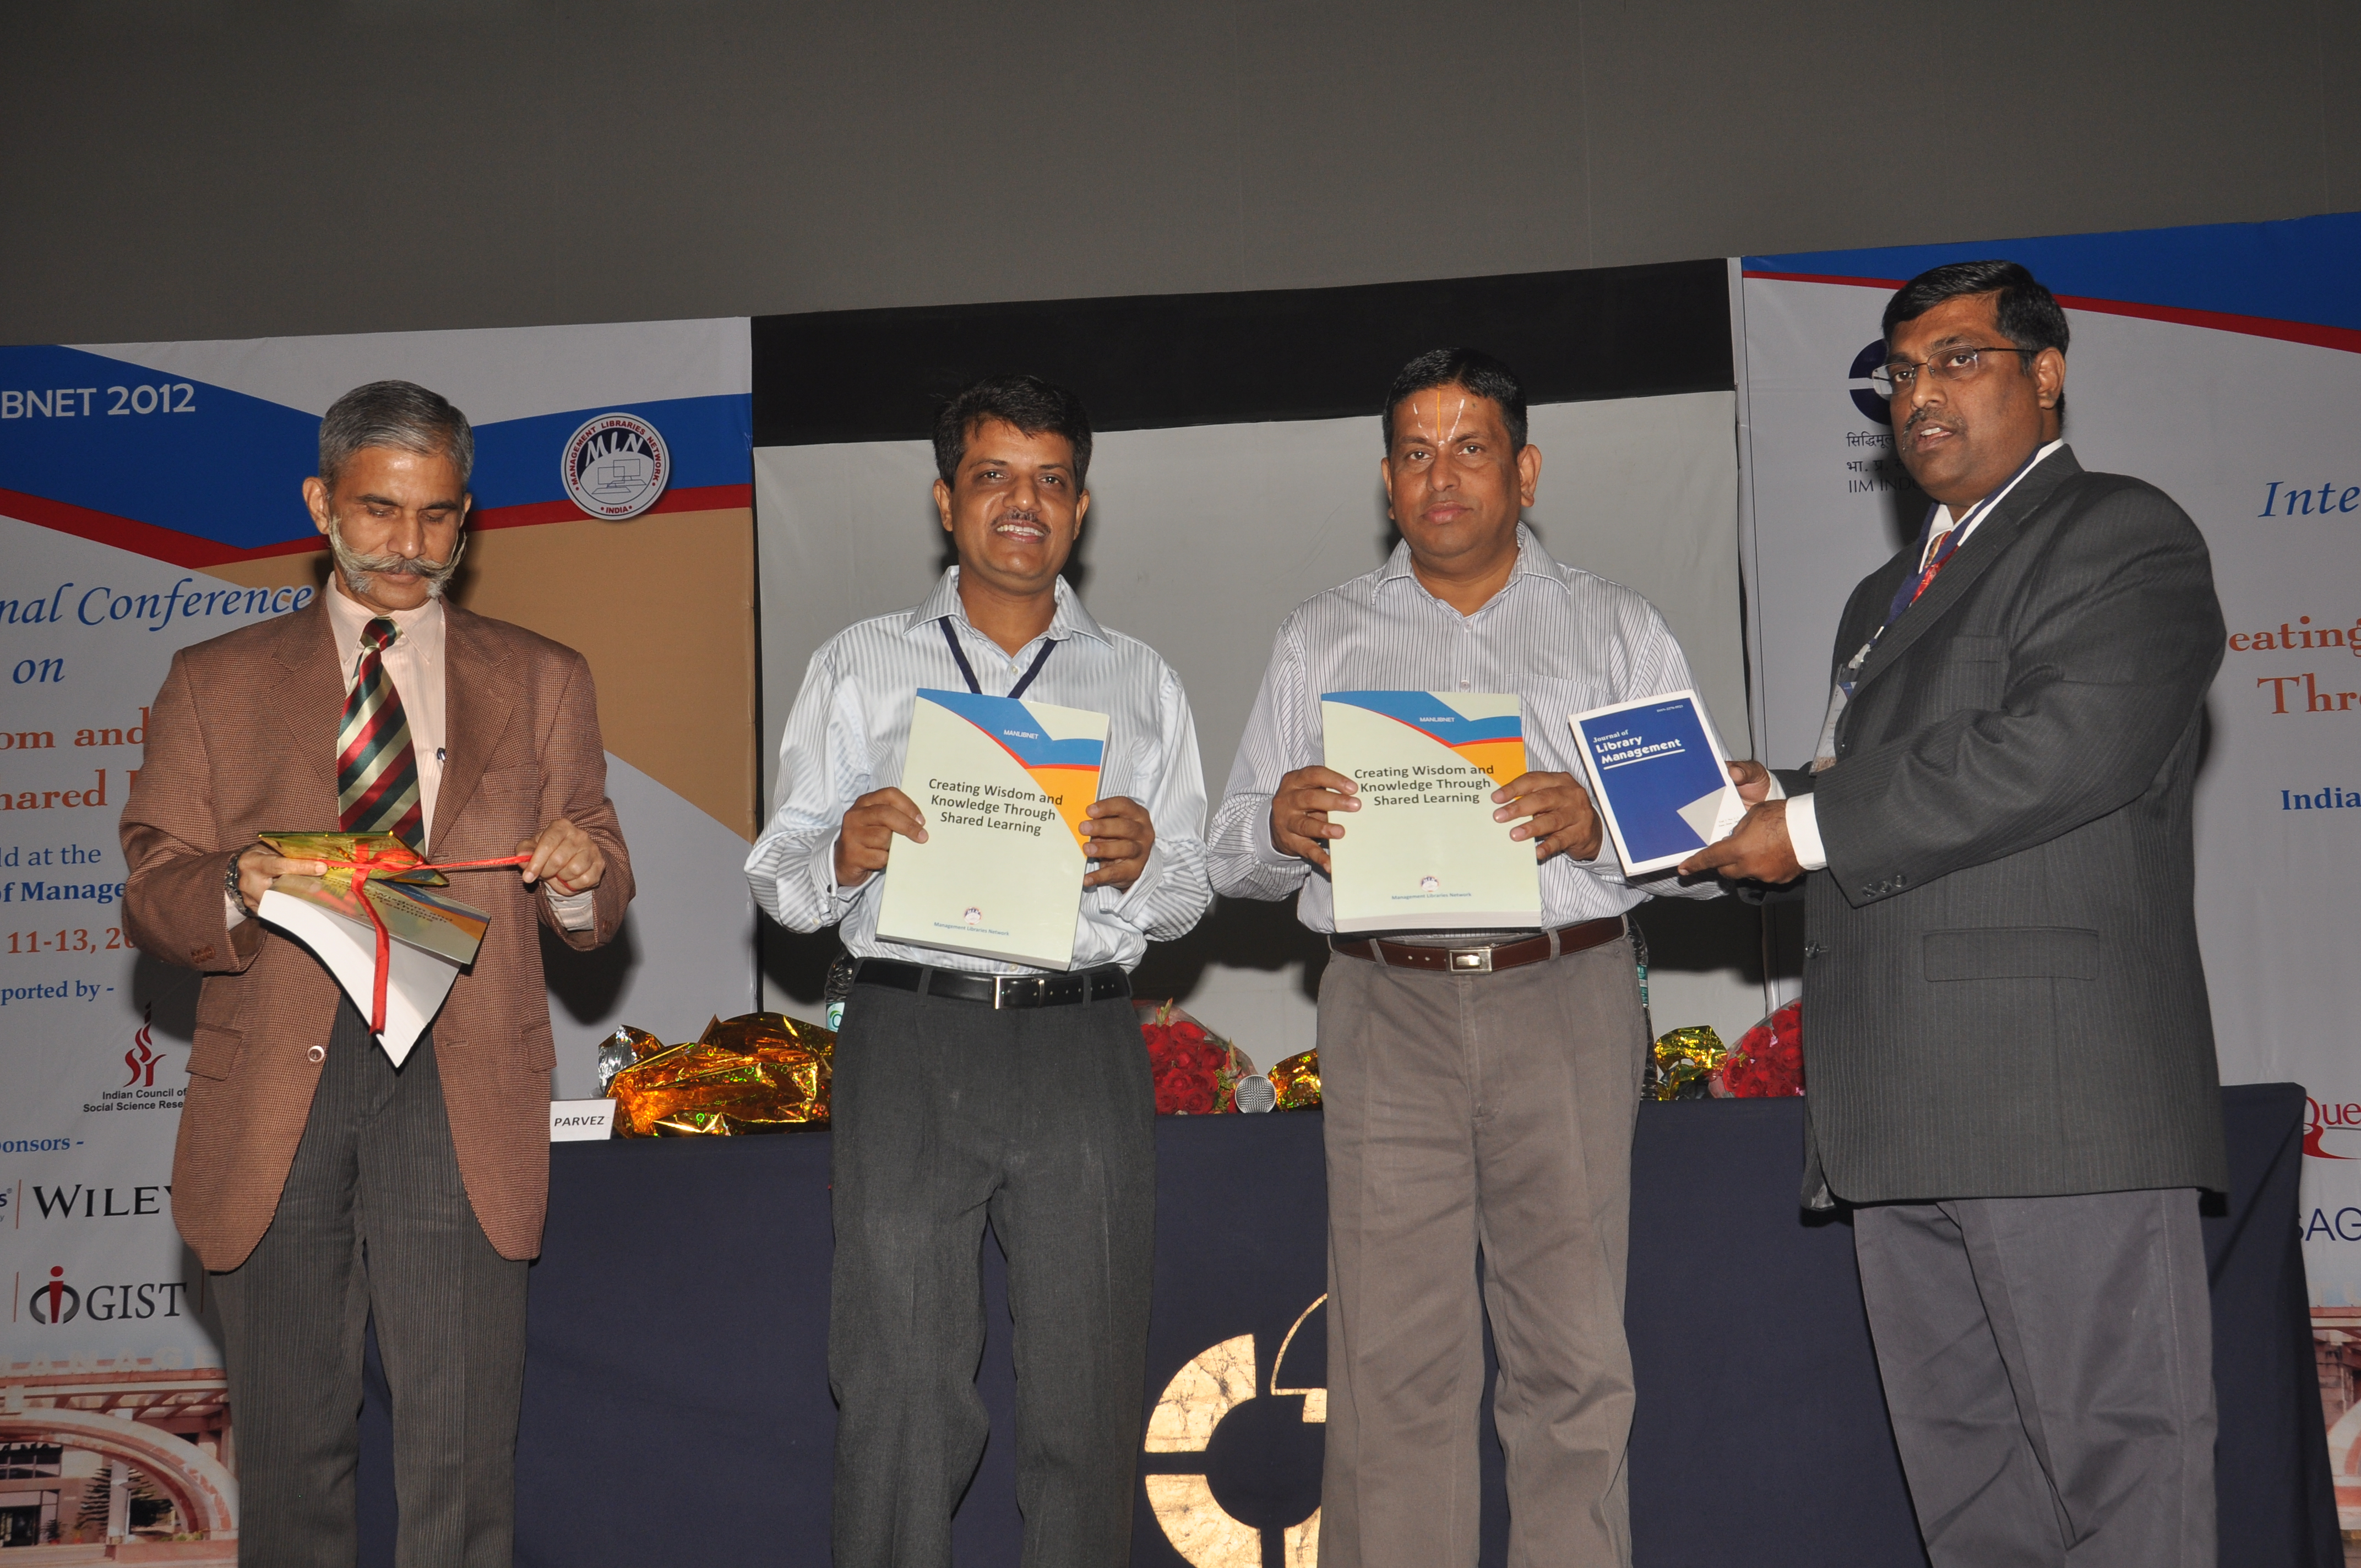 MANLIBNET 2012 @ IIM Indore